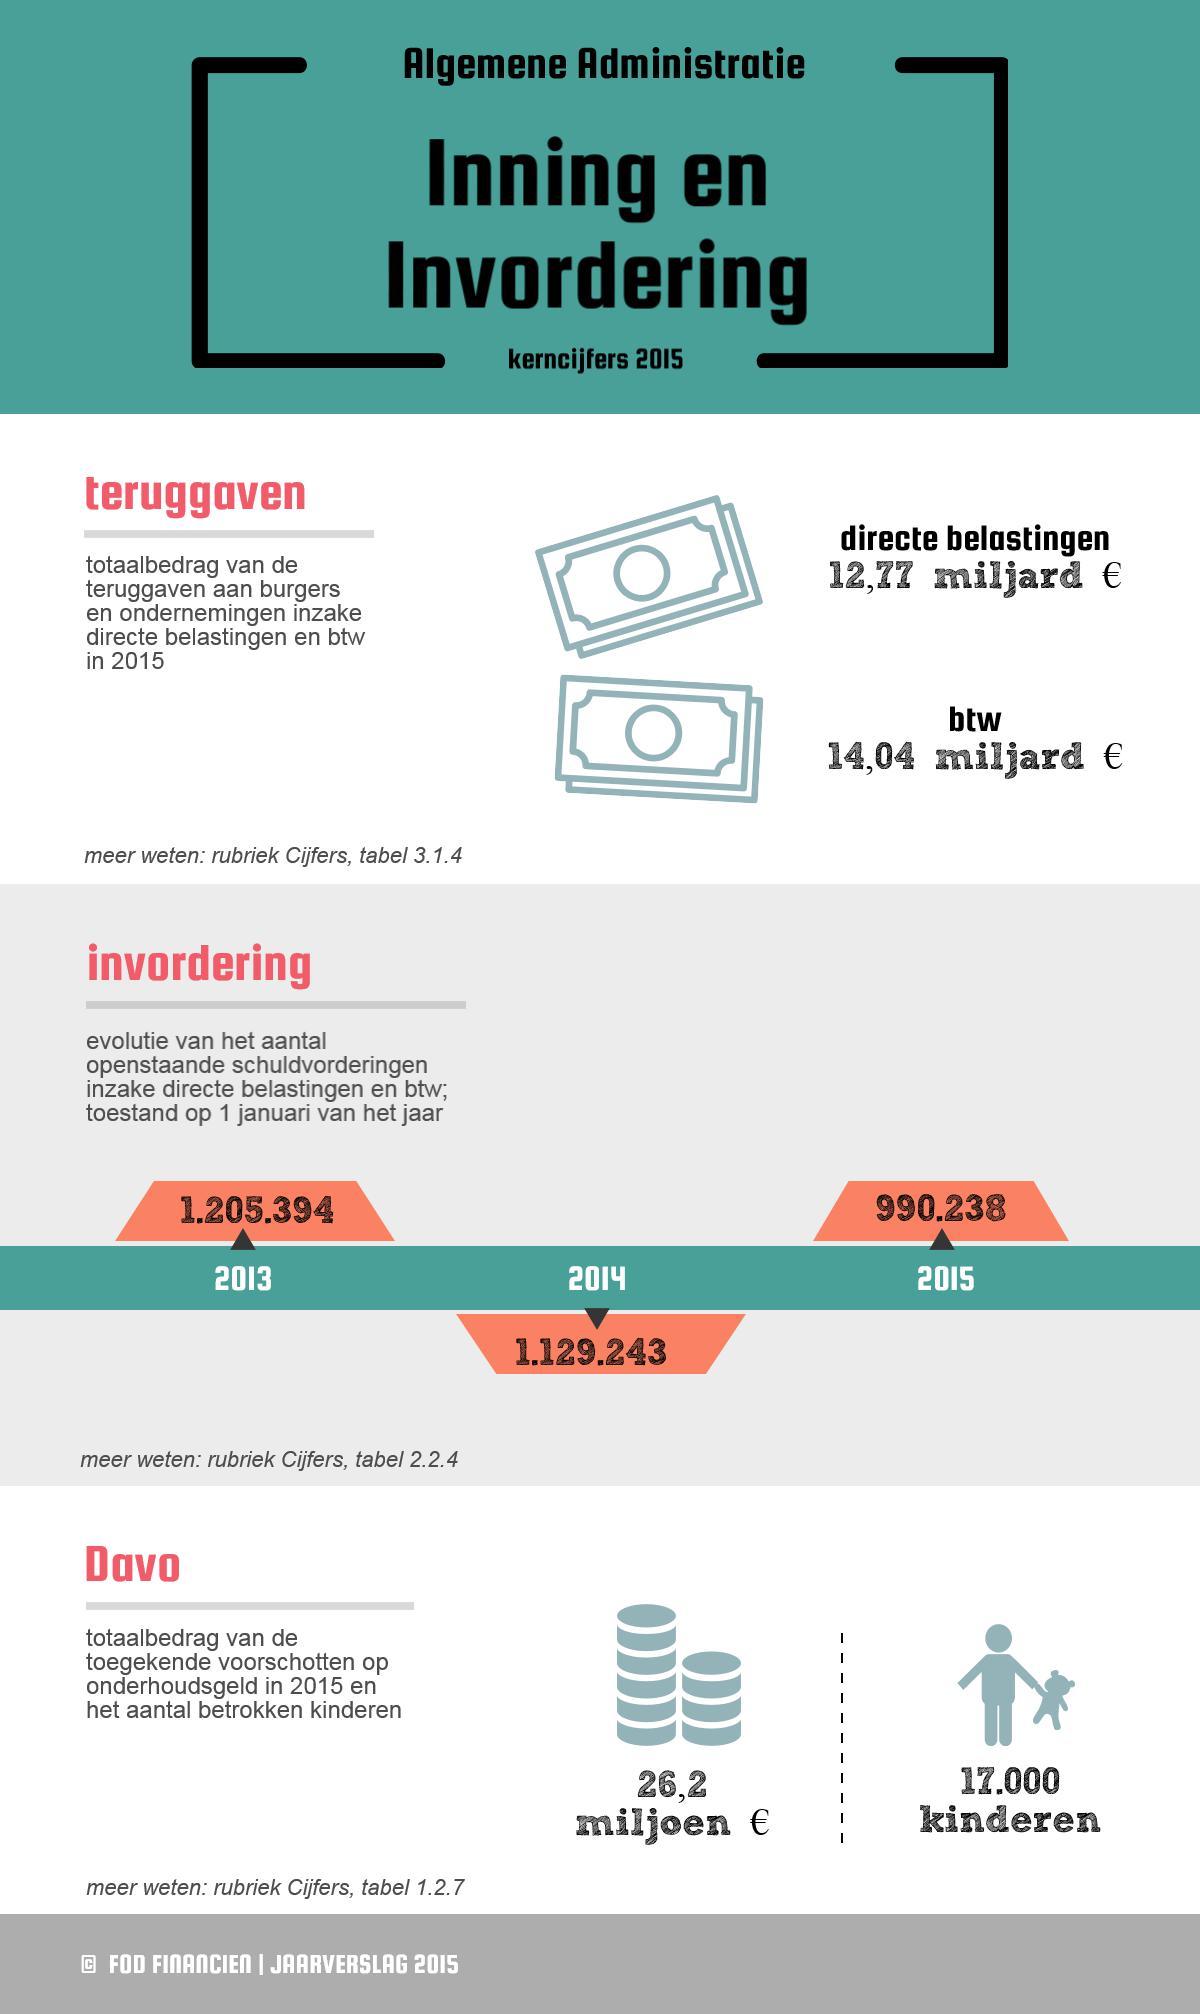 Teruggaven aan burgers en ondernemingen inzake directe belastingen en btw in 2015: 12,77 miljard € directe belastingen / 14,04 miljard € btw| Invordering (evolutie van het aantal openstaande schuldvorderingen inzake directe belastingen en btw; toestand op 1 januari van het jaar): 1.205.394 in 2013 / 1.129.243 en 2014 / 990.238 in 2015 | Davo (totaalbedrag van de toegekende voorschotten op onderhoudsgeld in 2015 en het aantal betrokken kinderen): 26,2 miljoen € / 17.000 kinderen